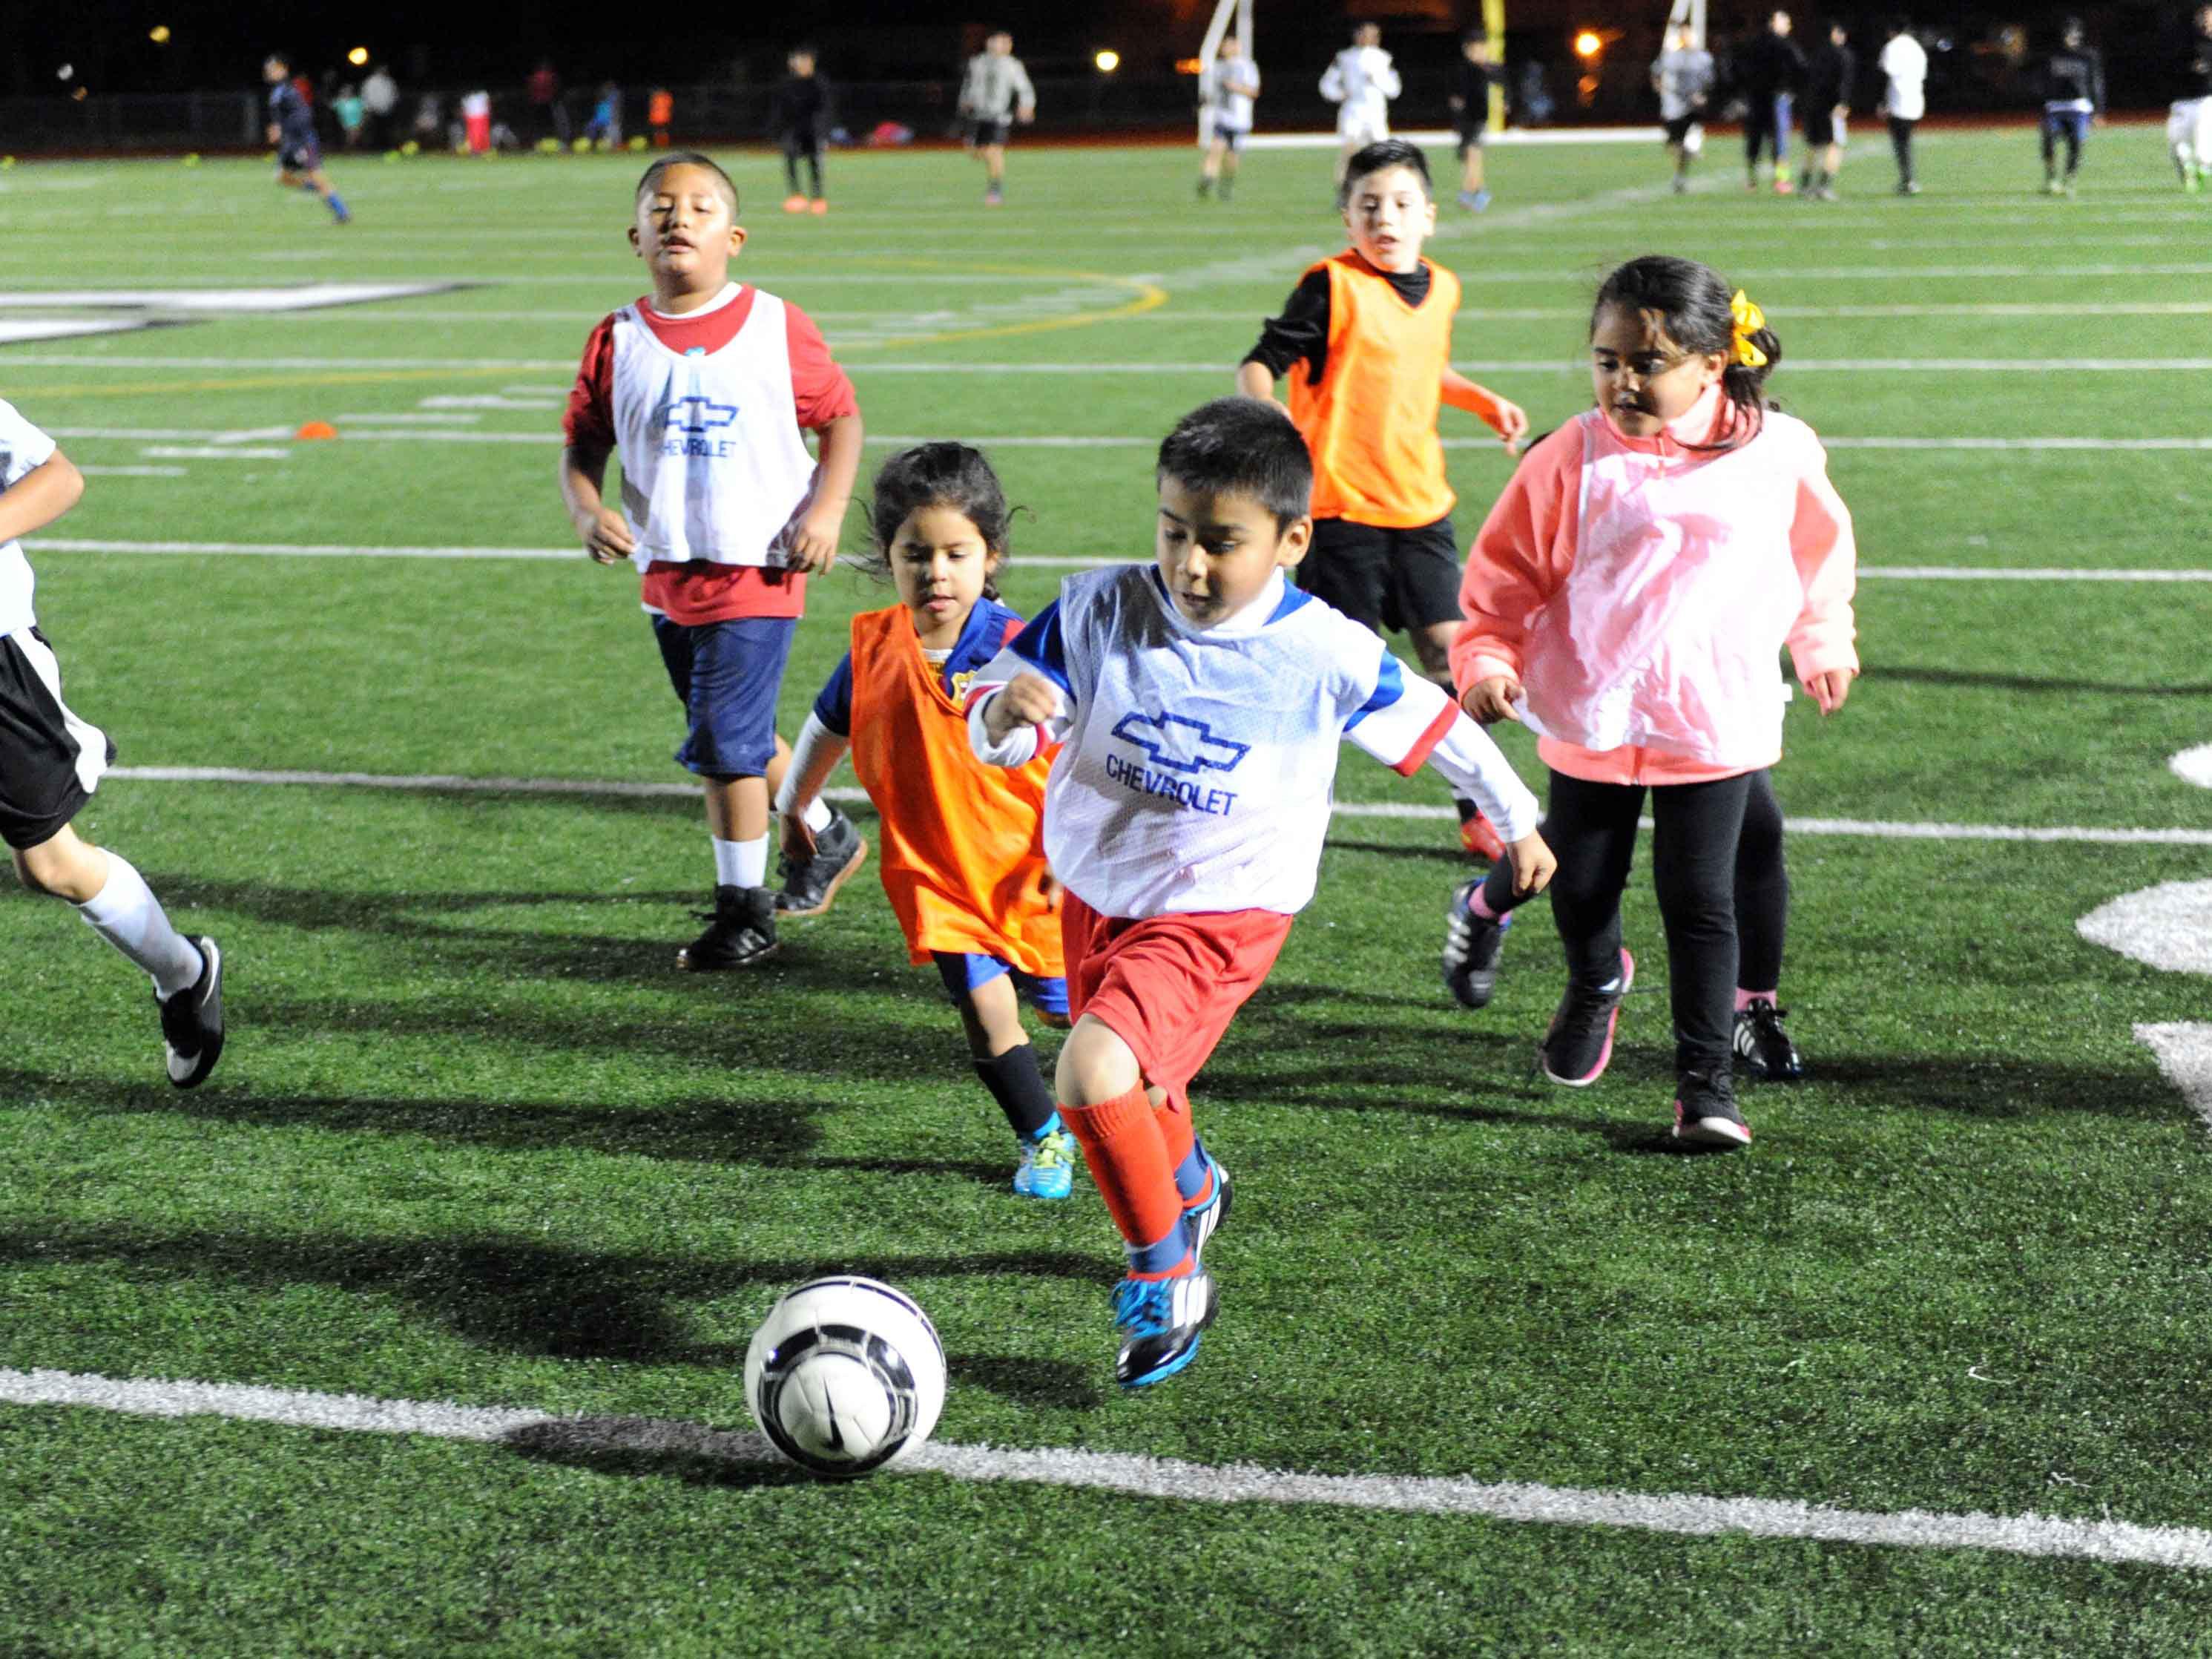 The César Chávez Fútbol Academy